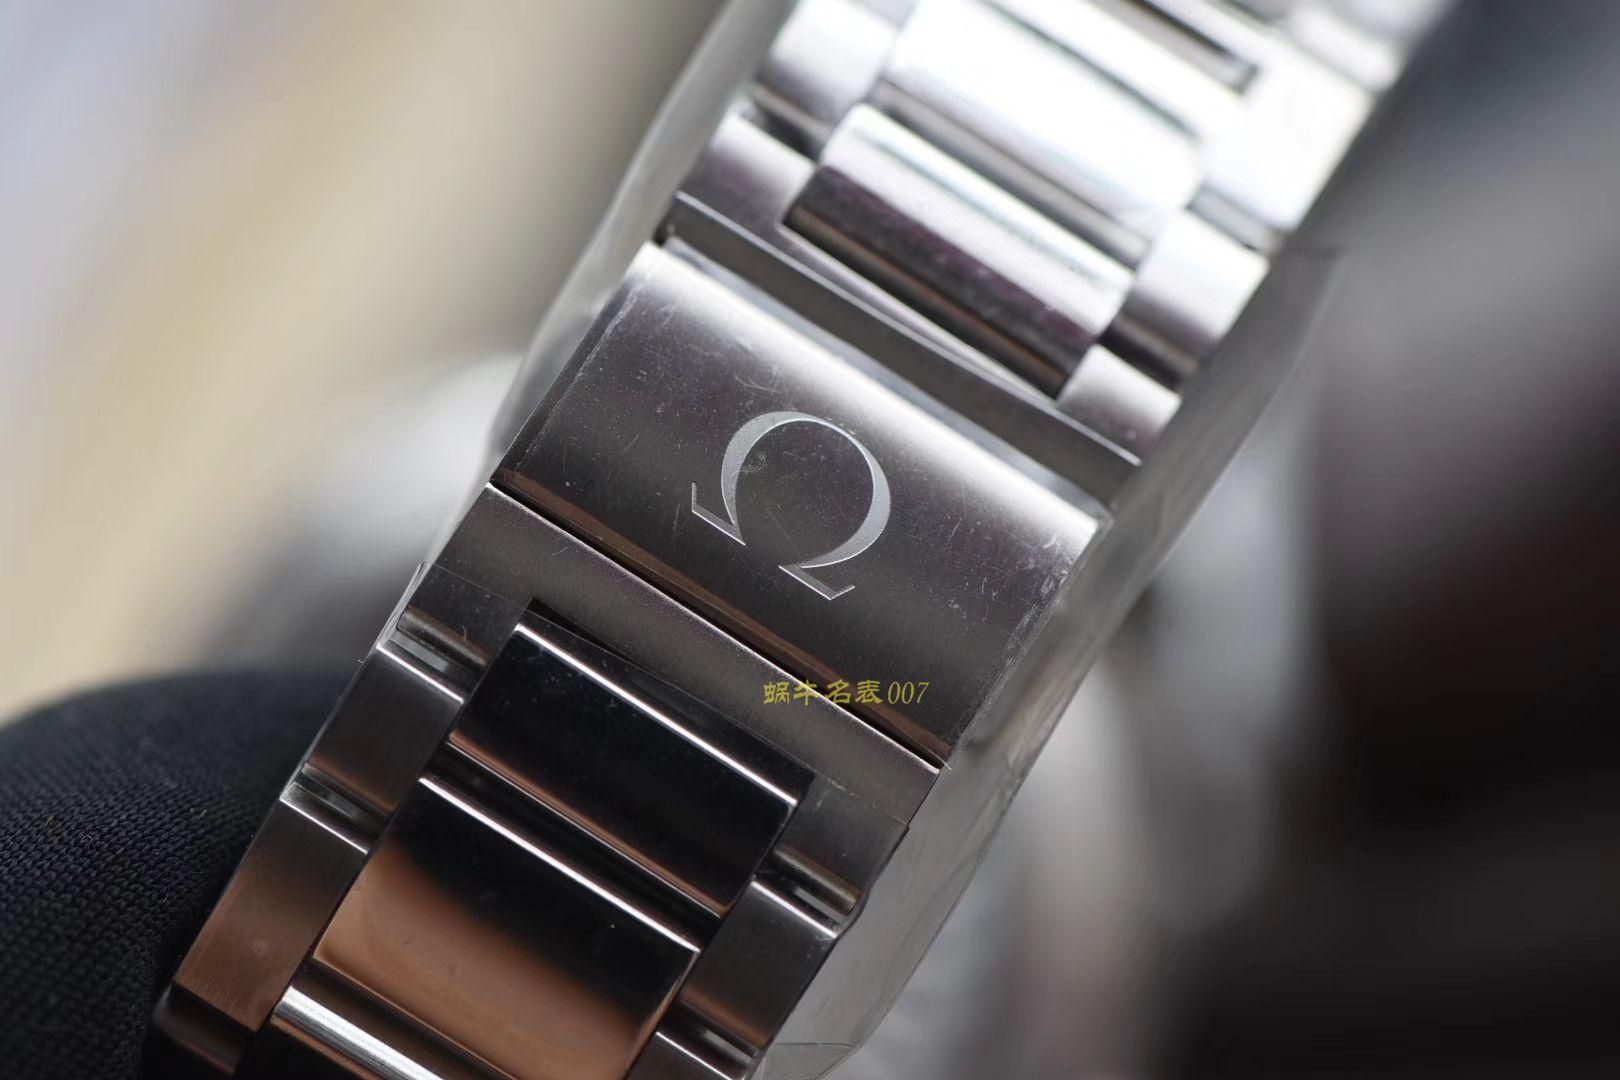 欧米茄海马系列220.22.41.21.02.001腕表【XF新品❗海马150M柚木纹面一比一超A精仿】 / M366